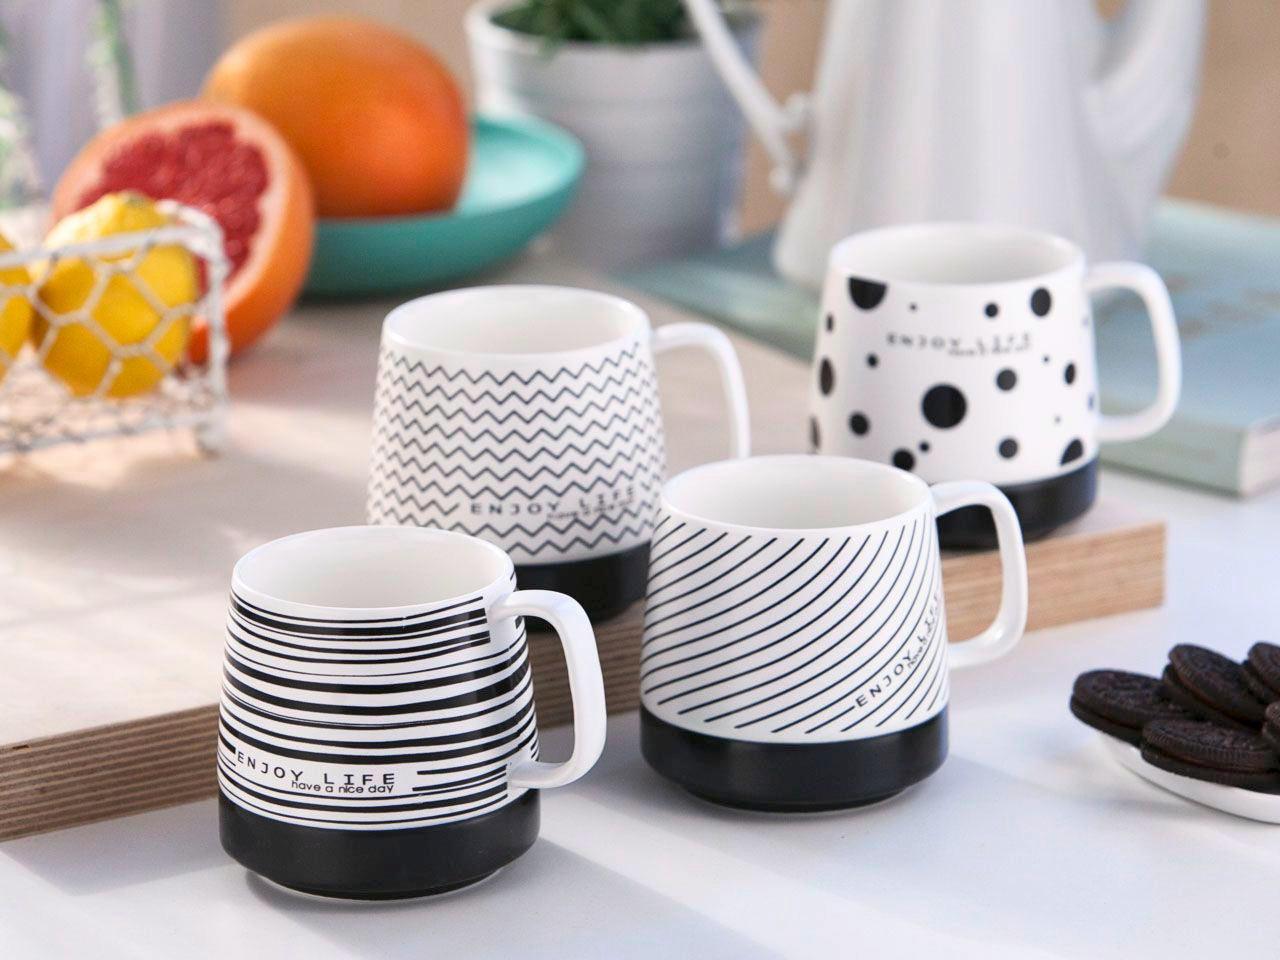 Skodelica Modern - črna/bela, keramika (0,3l)